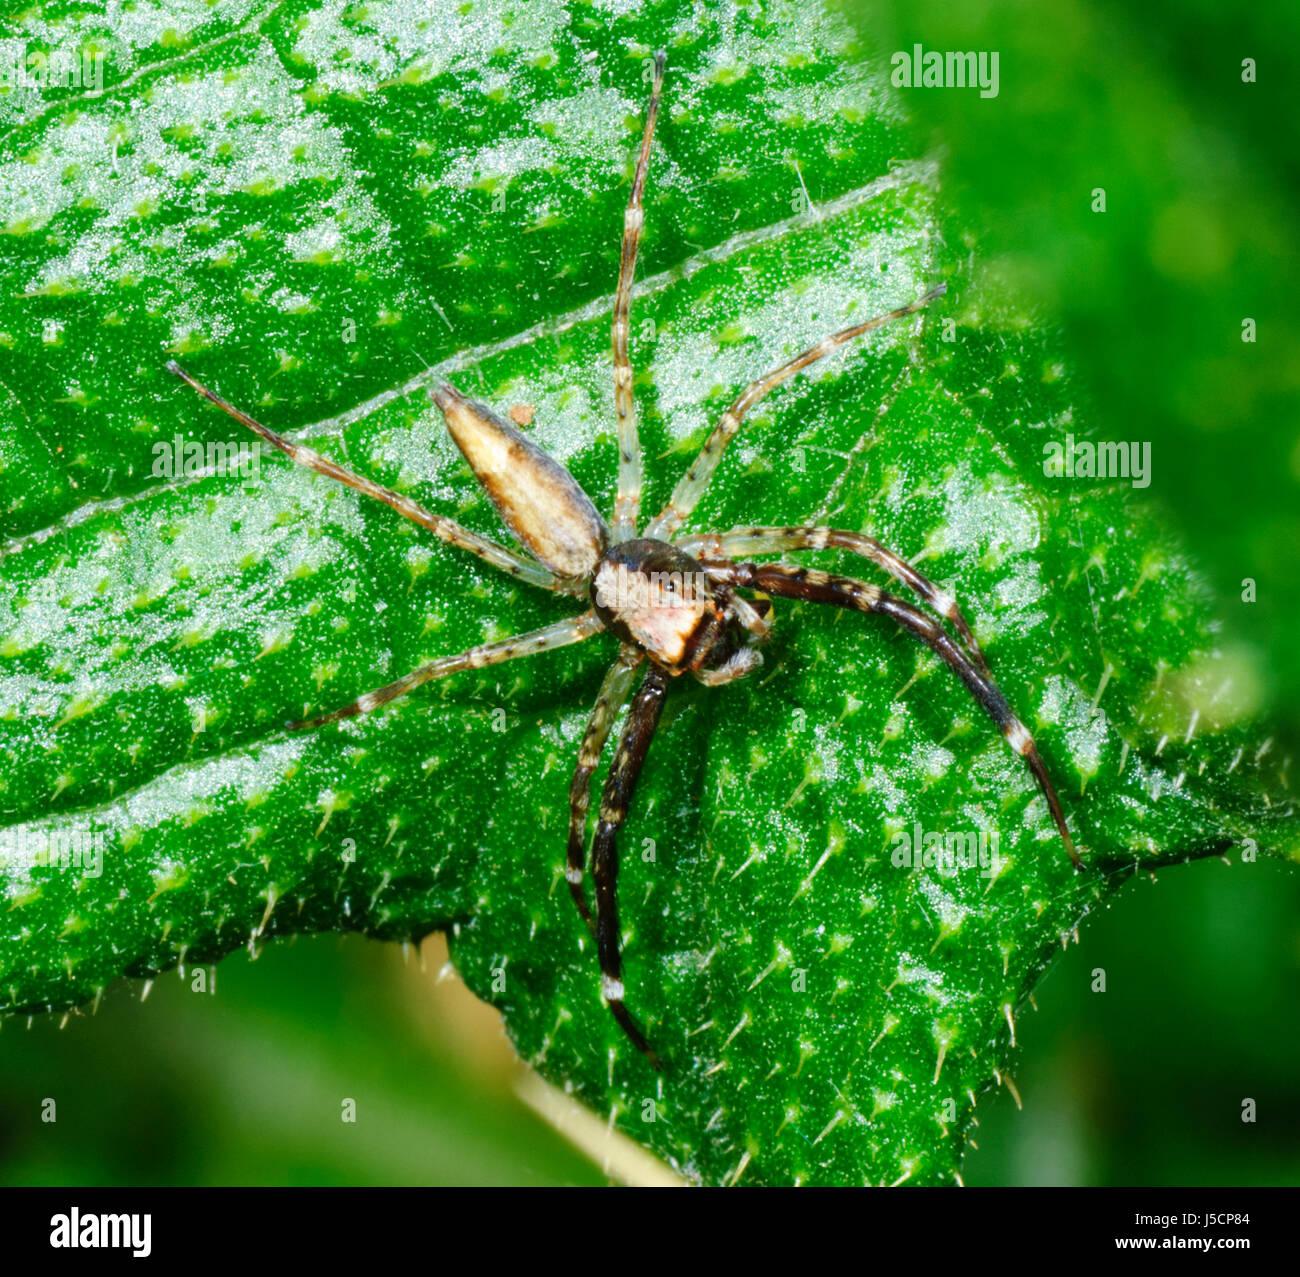 Amenazando a saltar la cruceta (Helpis minitabunda), Nueva Gales del Sur (NSW, Australia Imagen De Stock